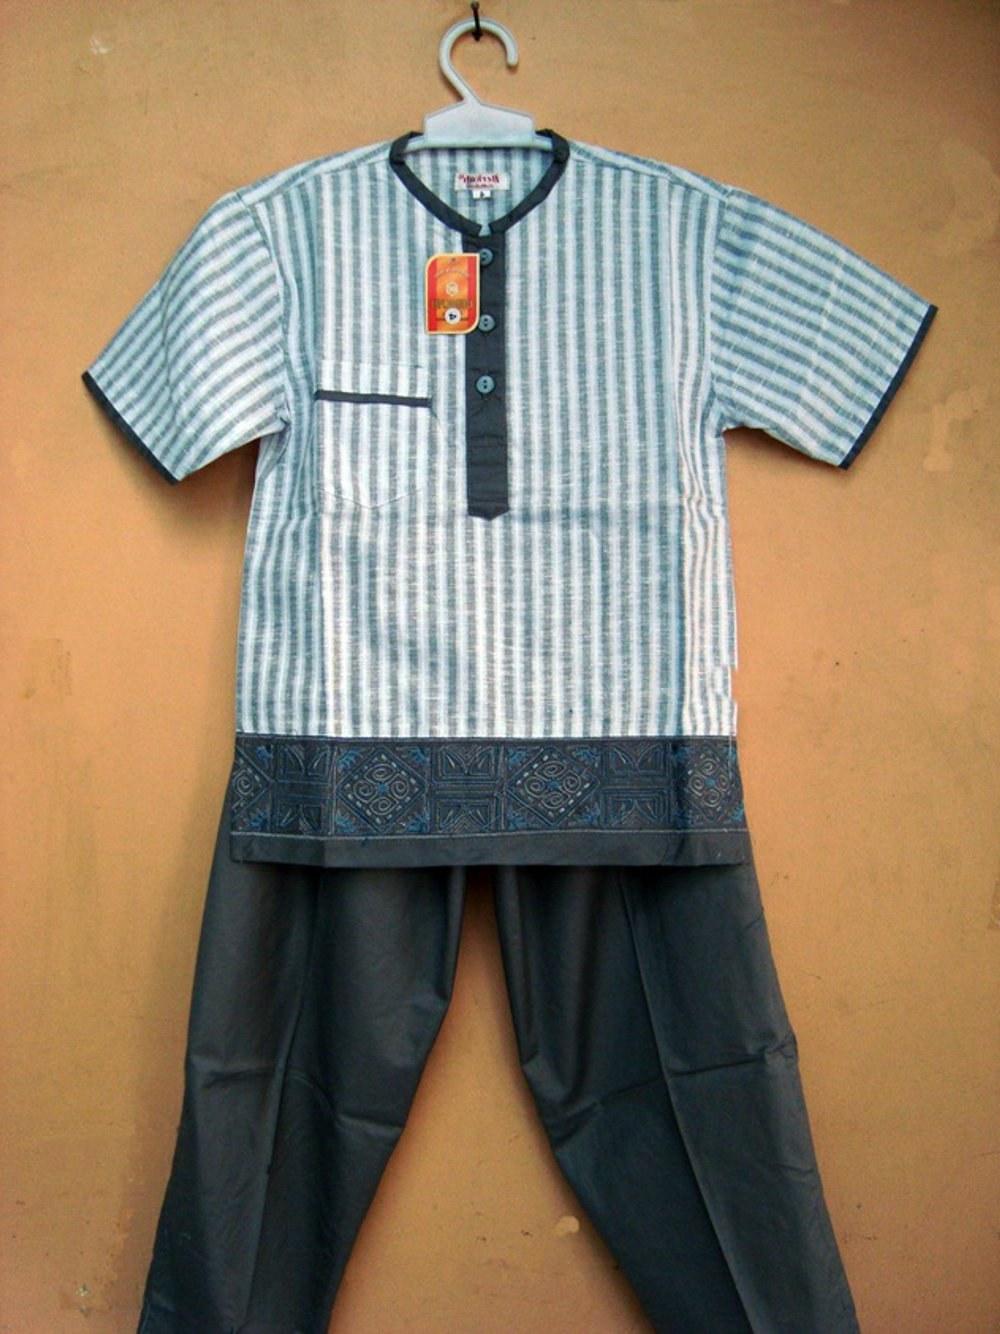 Ide Baju Lebaran Untuk Laki Laki 9fdy Model Kemeja Anak Laki Laki Yang Keren Untuk Hari Lebaran